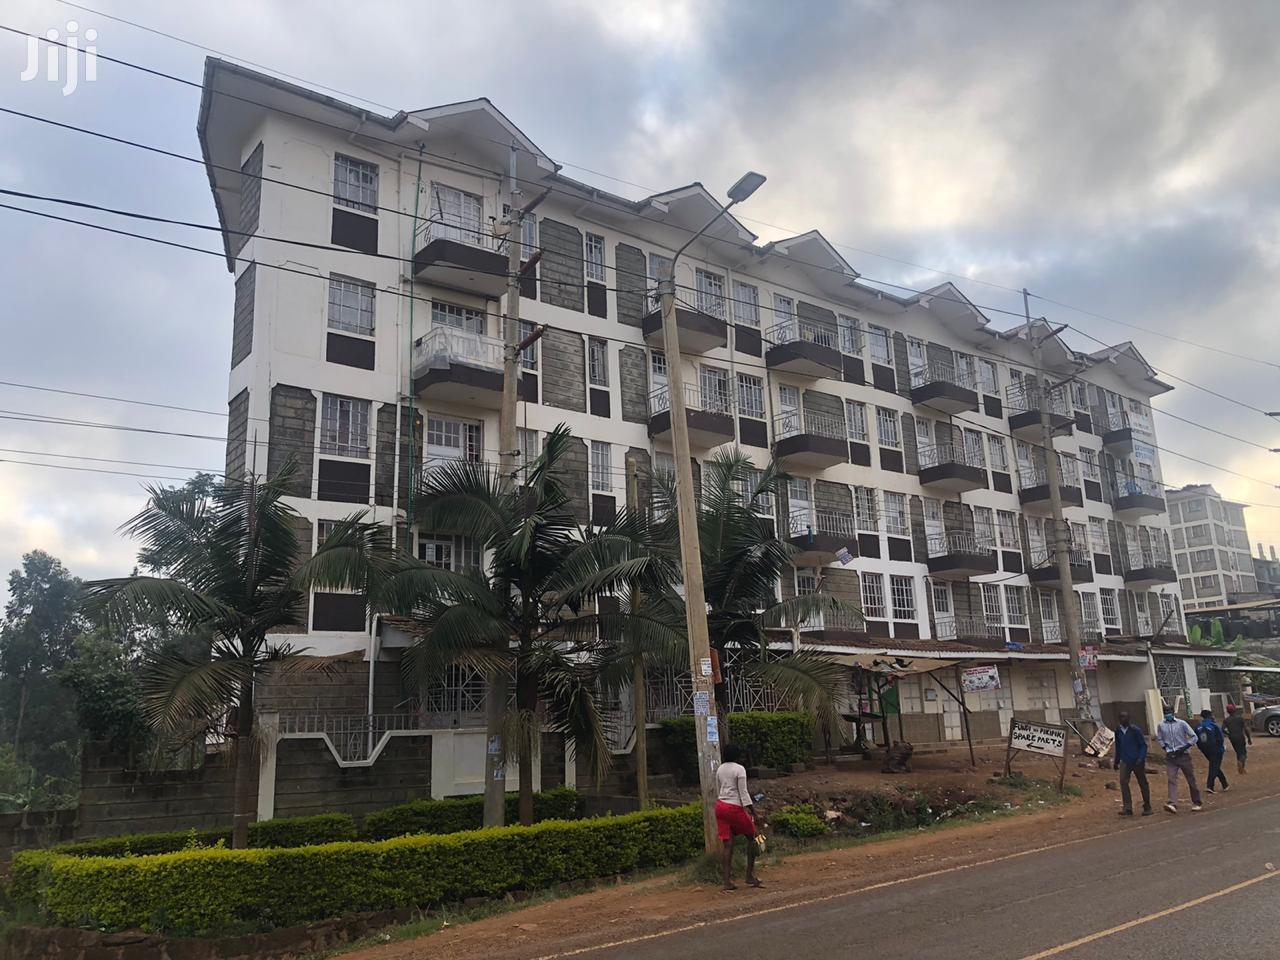 Kirigiti One Bedroom Apartments To Let In Riabai Houses Apartments For Rent David Mungai Jiji Co Ke